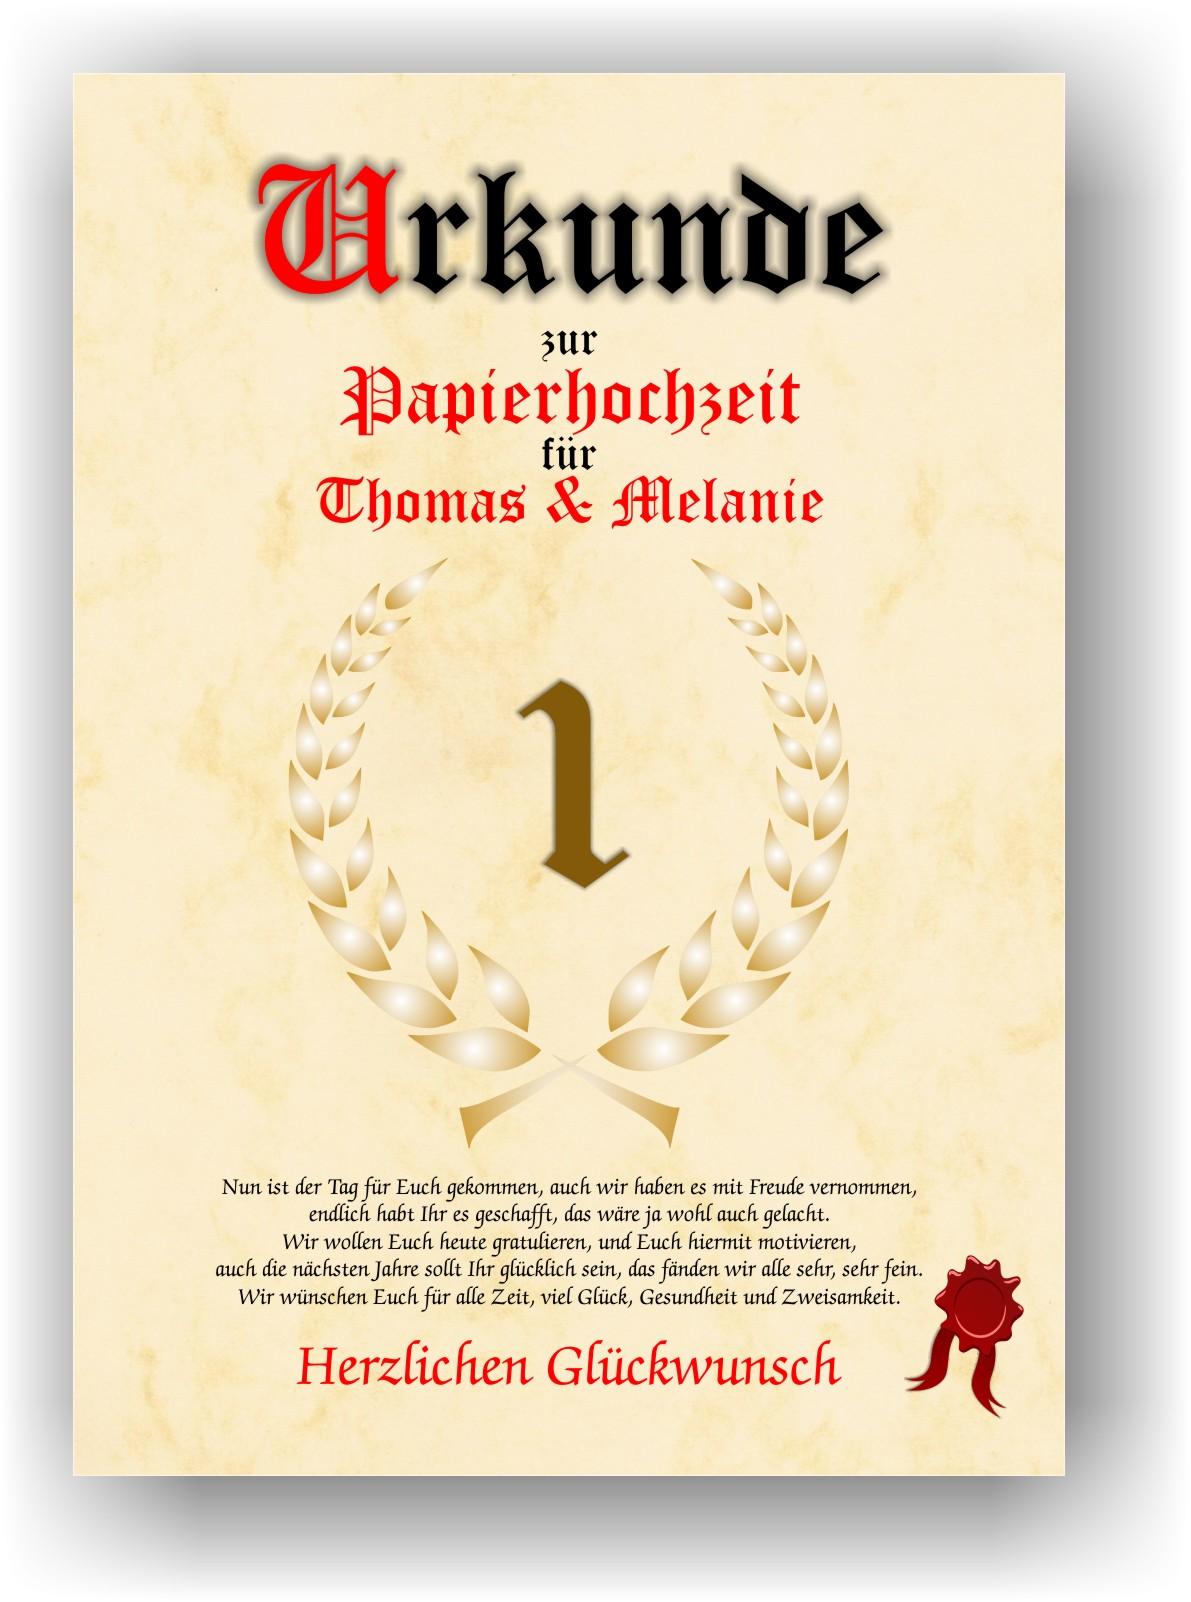 Papierhochzeit Urkunde 1 Hochzeitstag Geschenkidee Liebe Hochzeitsgeschenk NEU  eBay